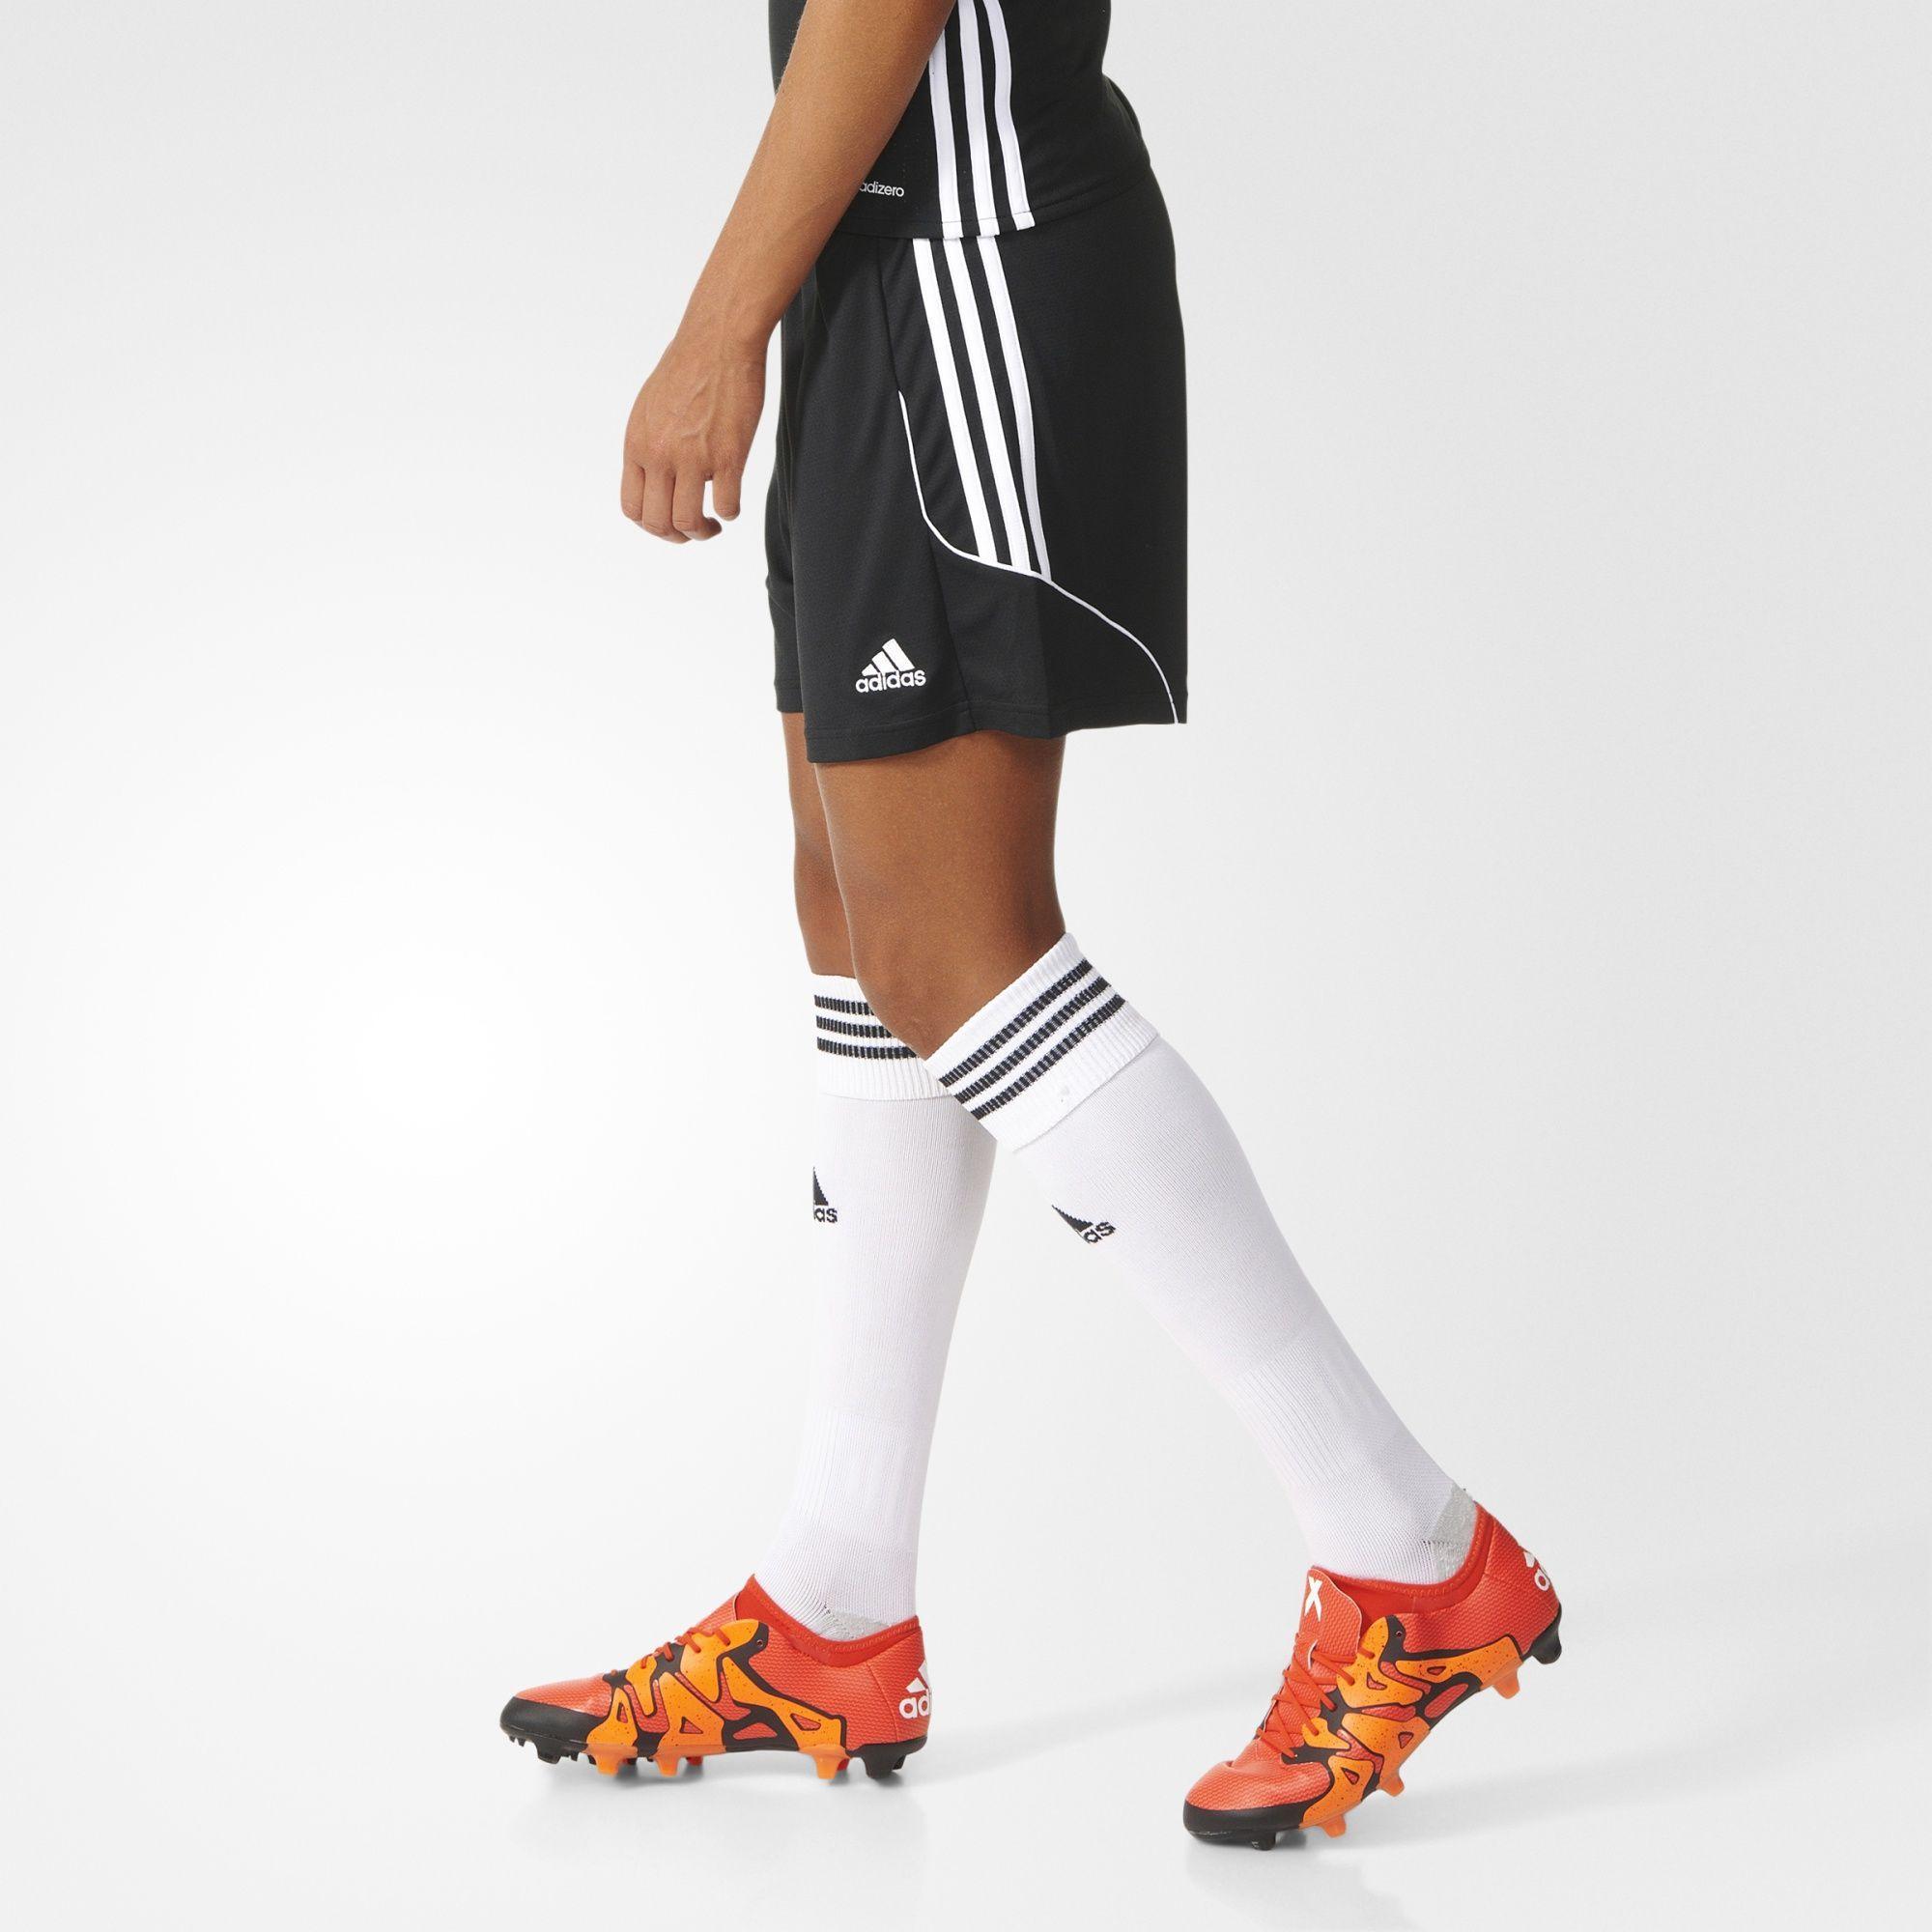 adidas - Short Generico de Fútbol Squad 13 Mujer | trabajo ...